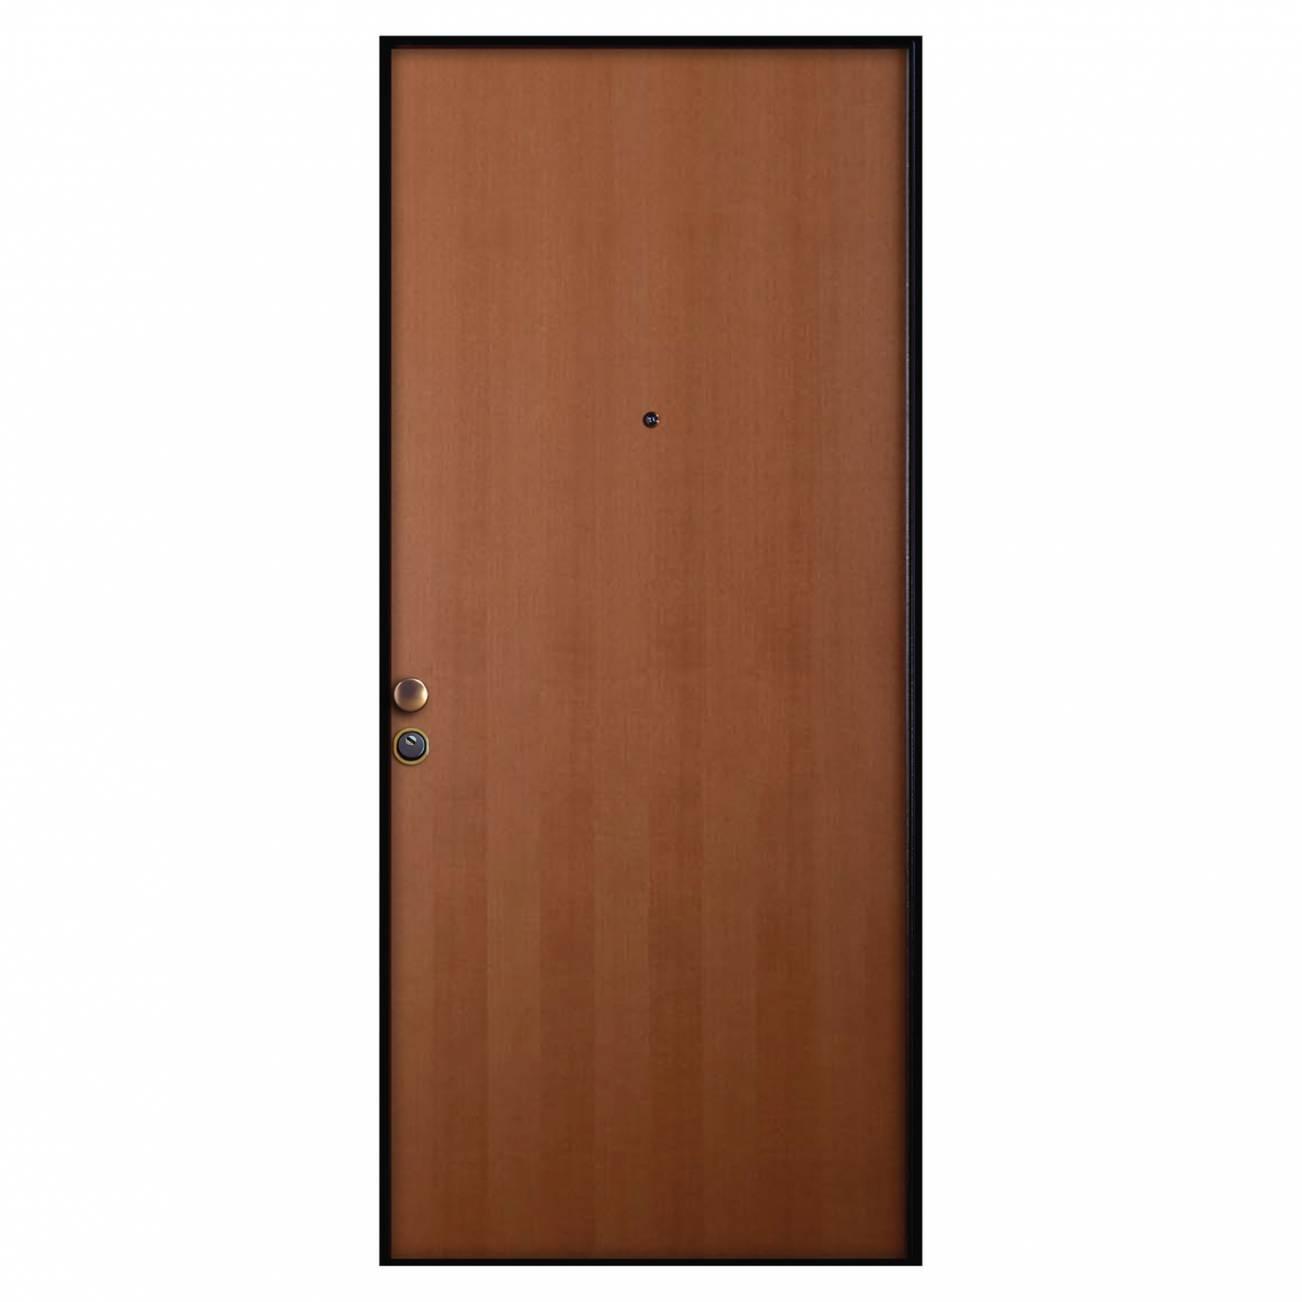 Porta di ingresso guida all 39 acquisto cose di casa - Porta filo muro leroy merlin ...